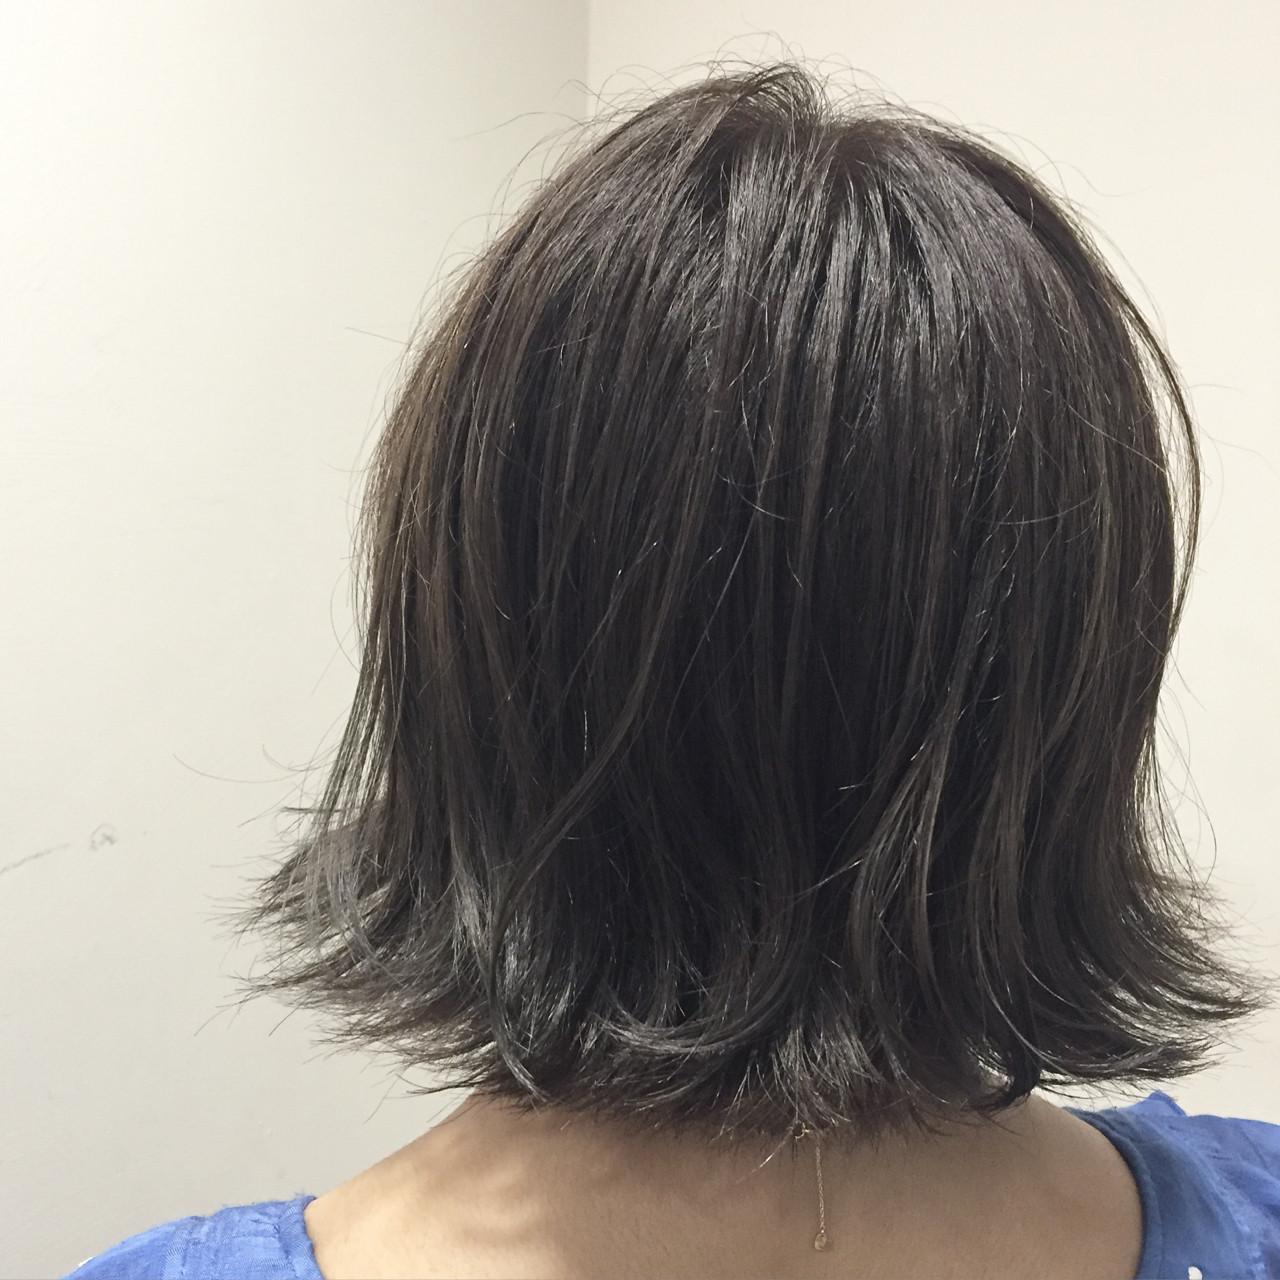 切りっぱなし ハイライト ボブ ガーリー ヘアスタイルや髪型の写真・画像 | 藤井 京介 / allys hair 心斎橋OPA 10F